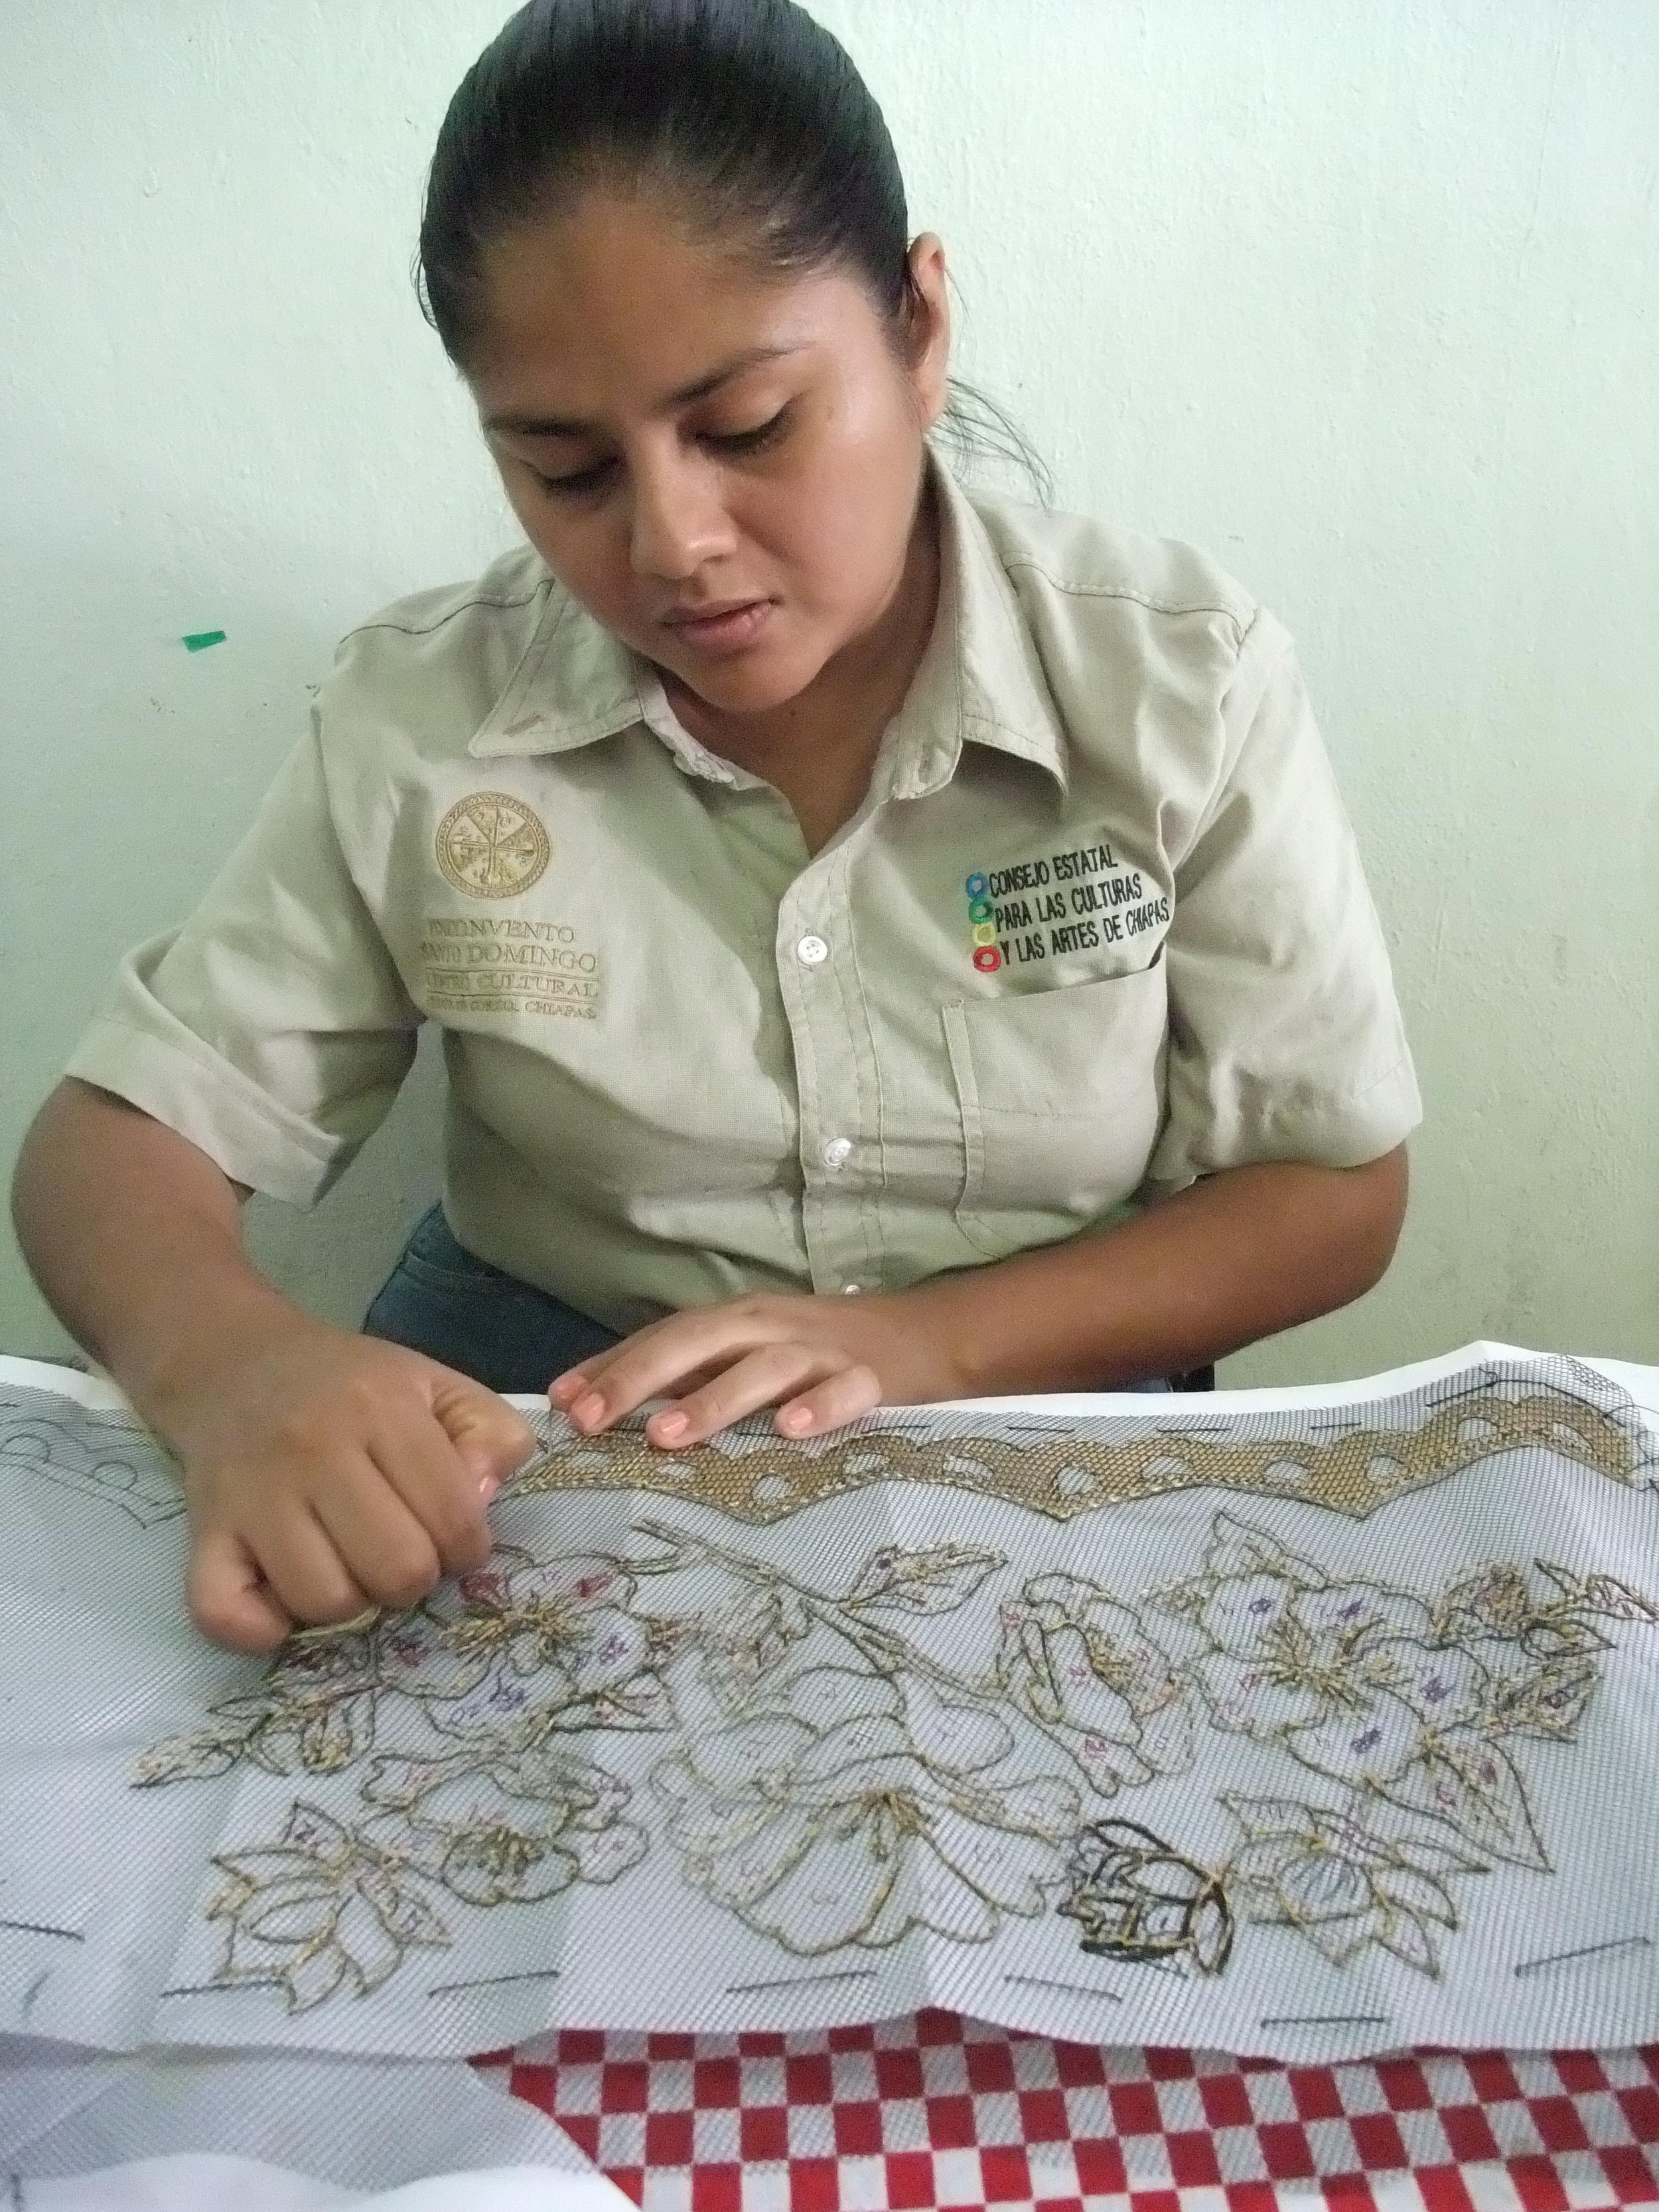 Dora Ramirez Mundo_Chiapa de Corzo_Chiapas.JPG